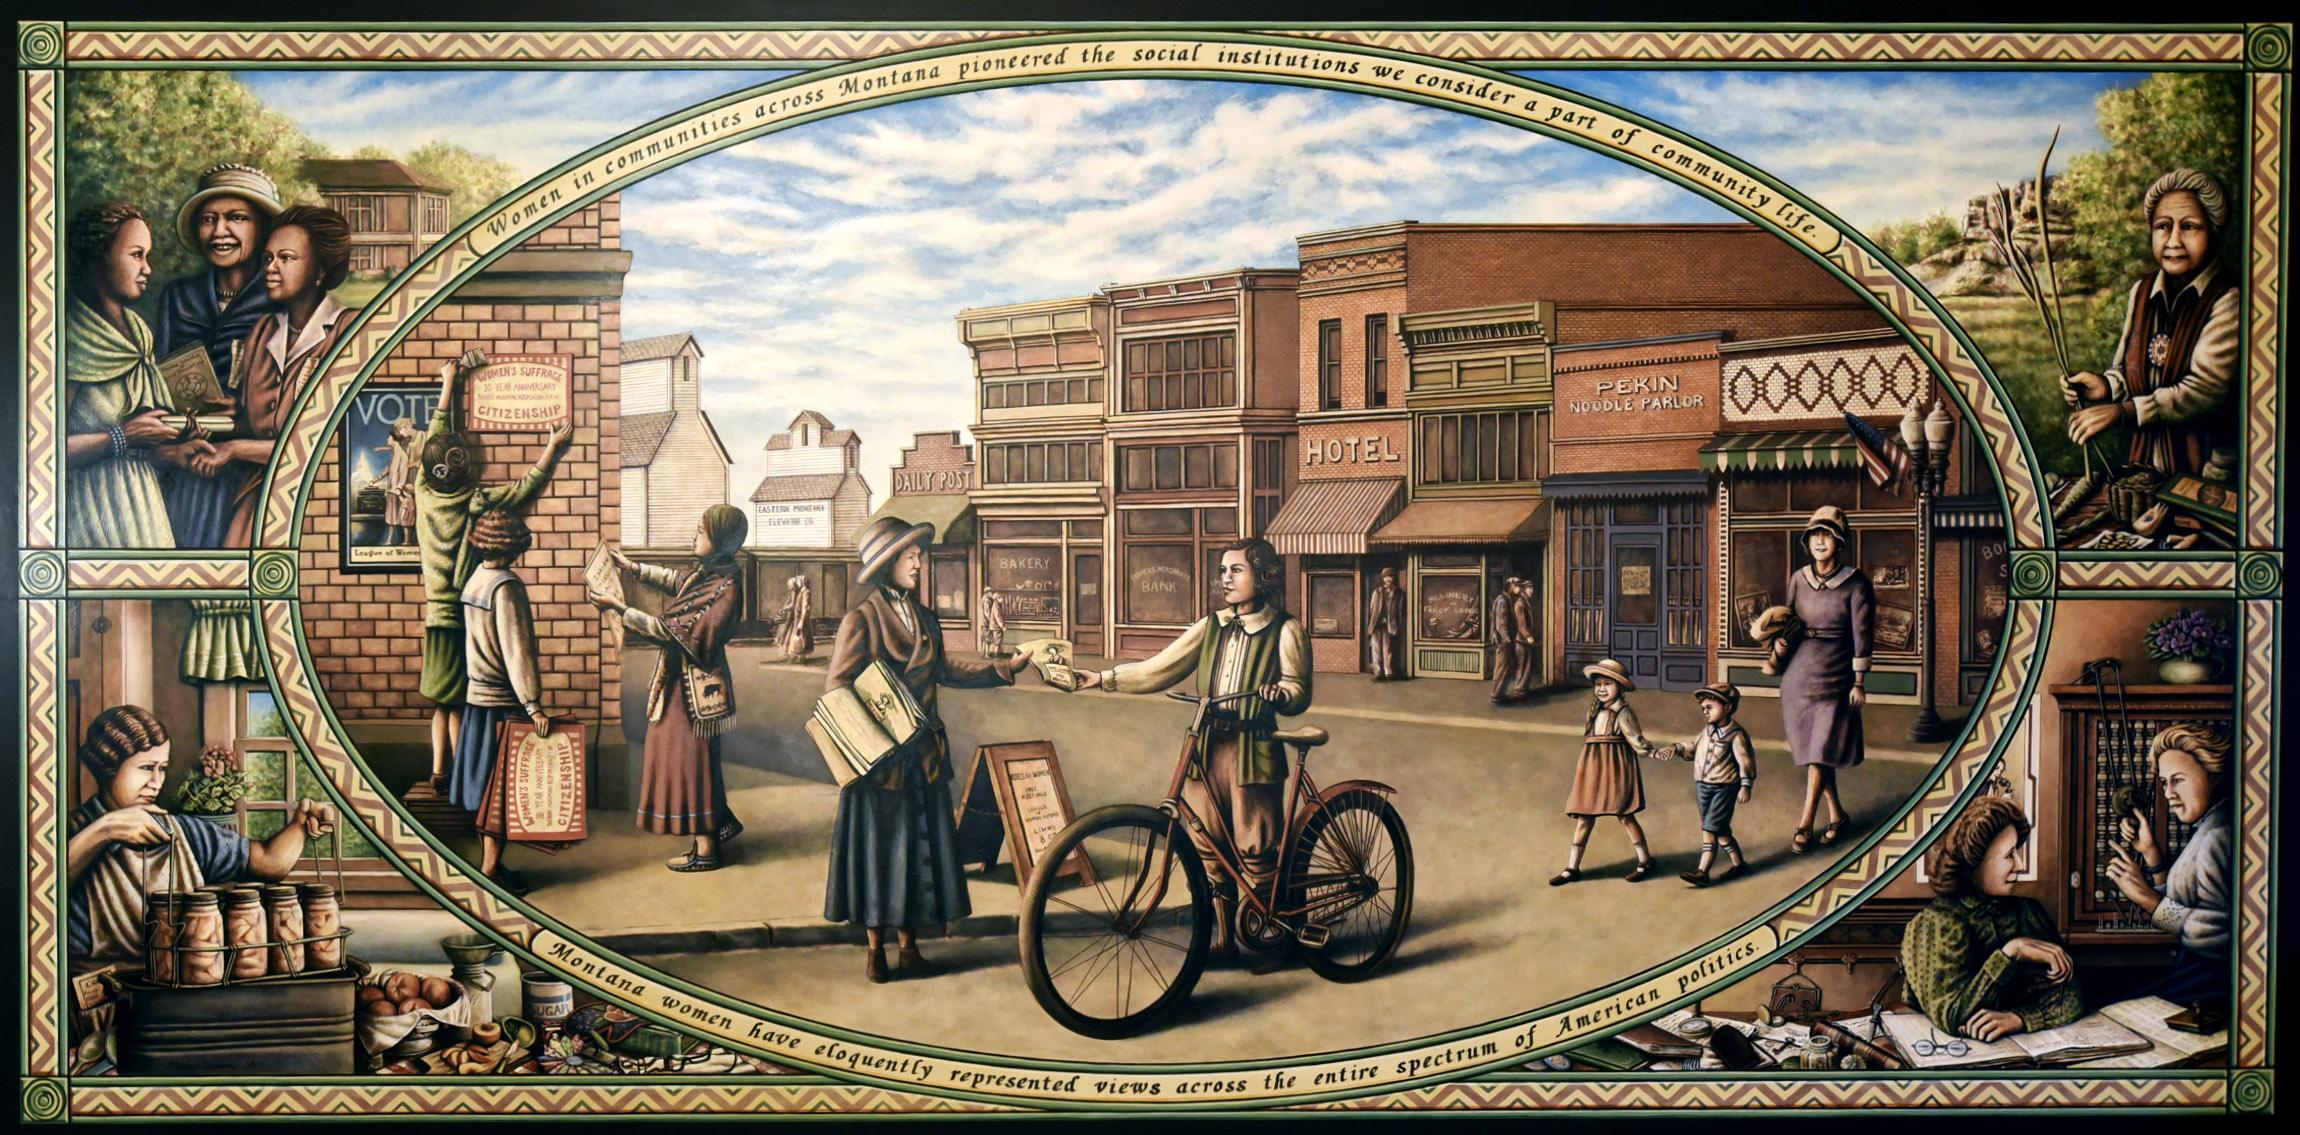 Women Build Montana: the Montana Women's Mural   Women's